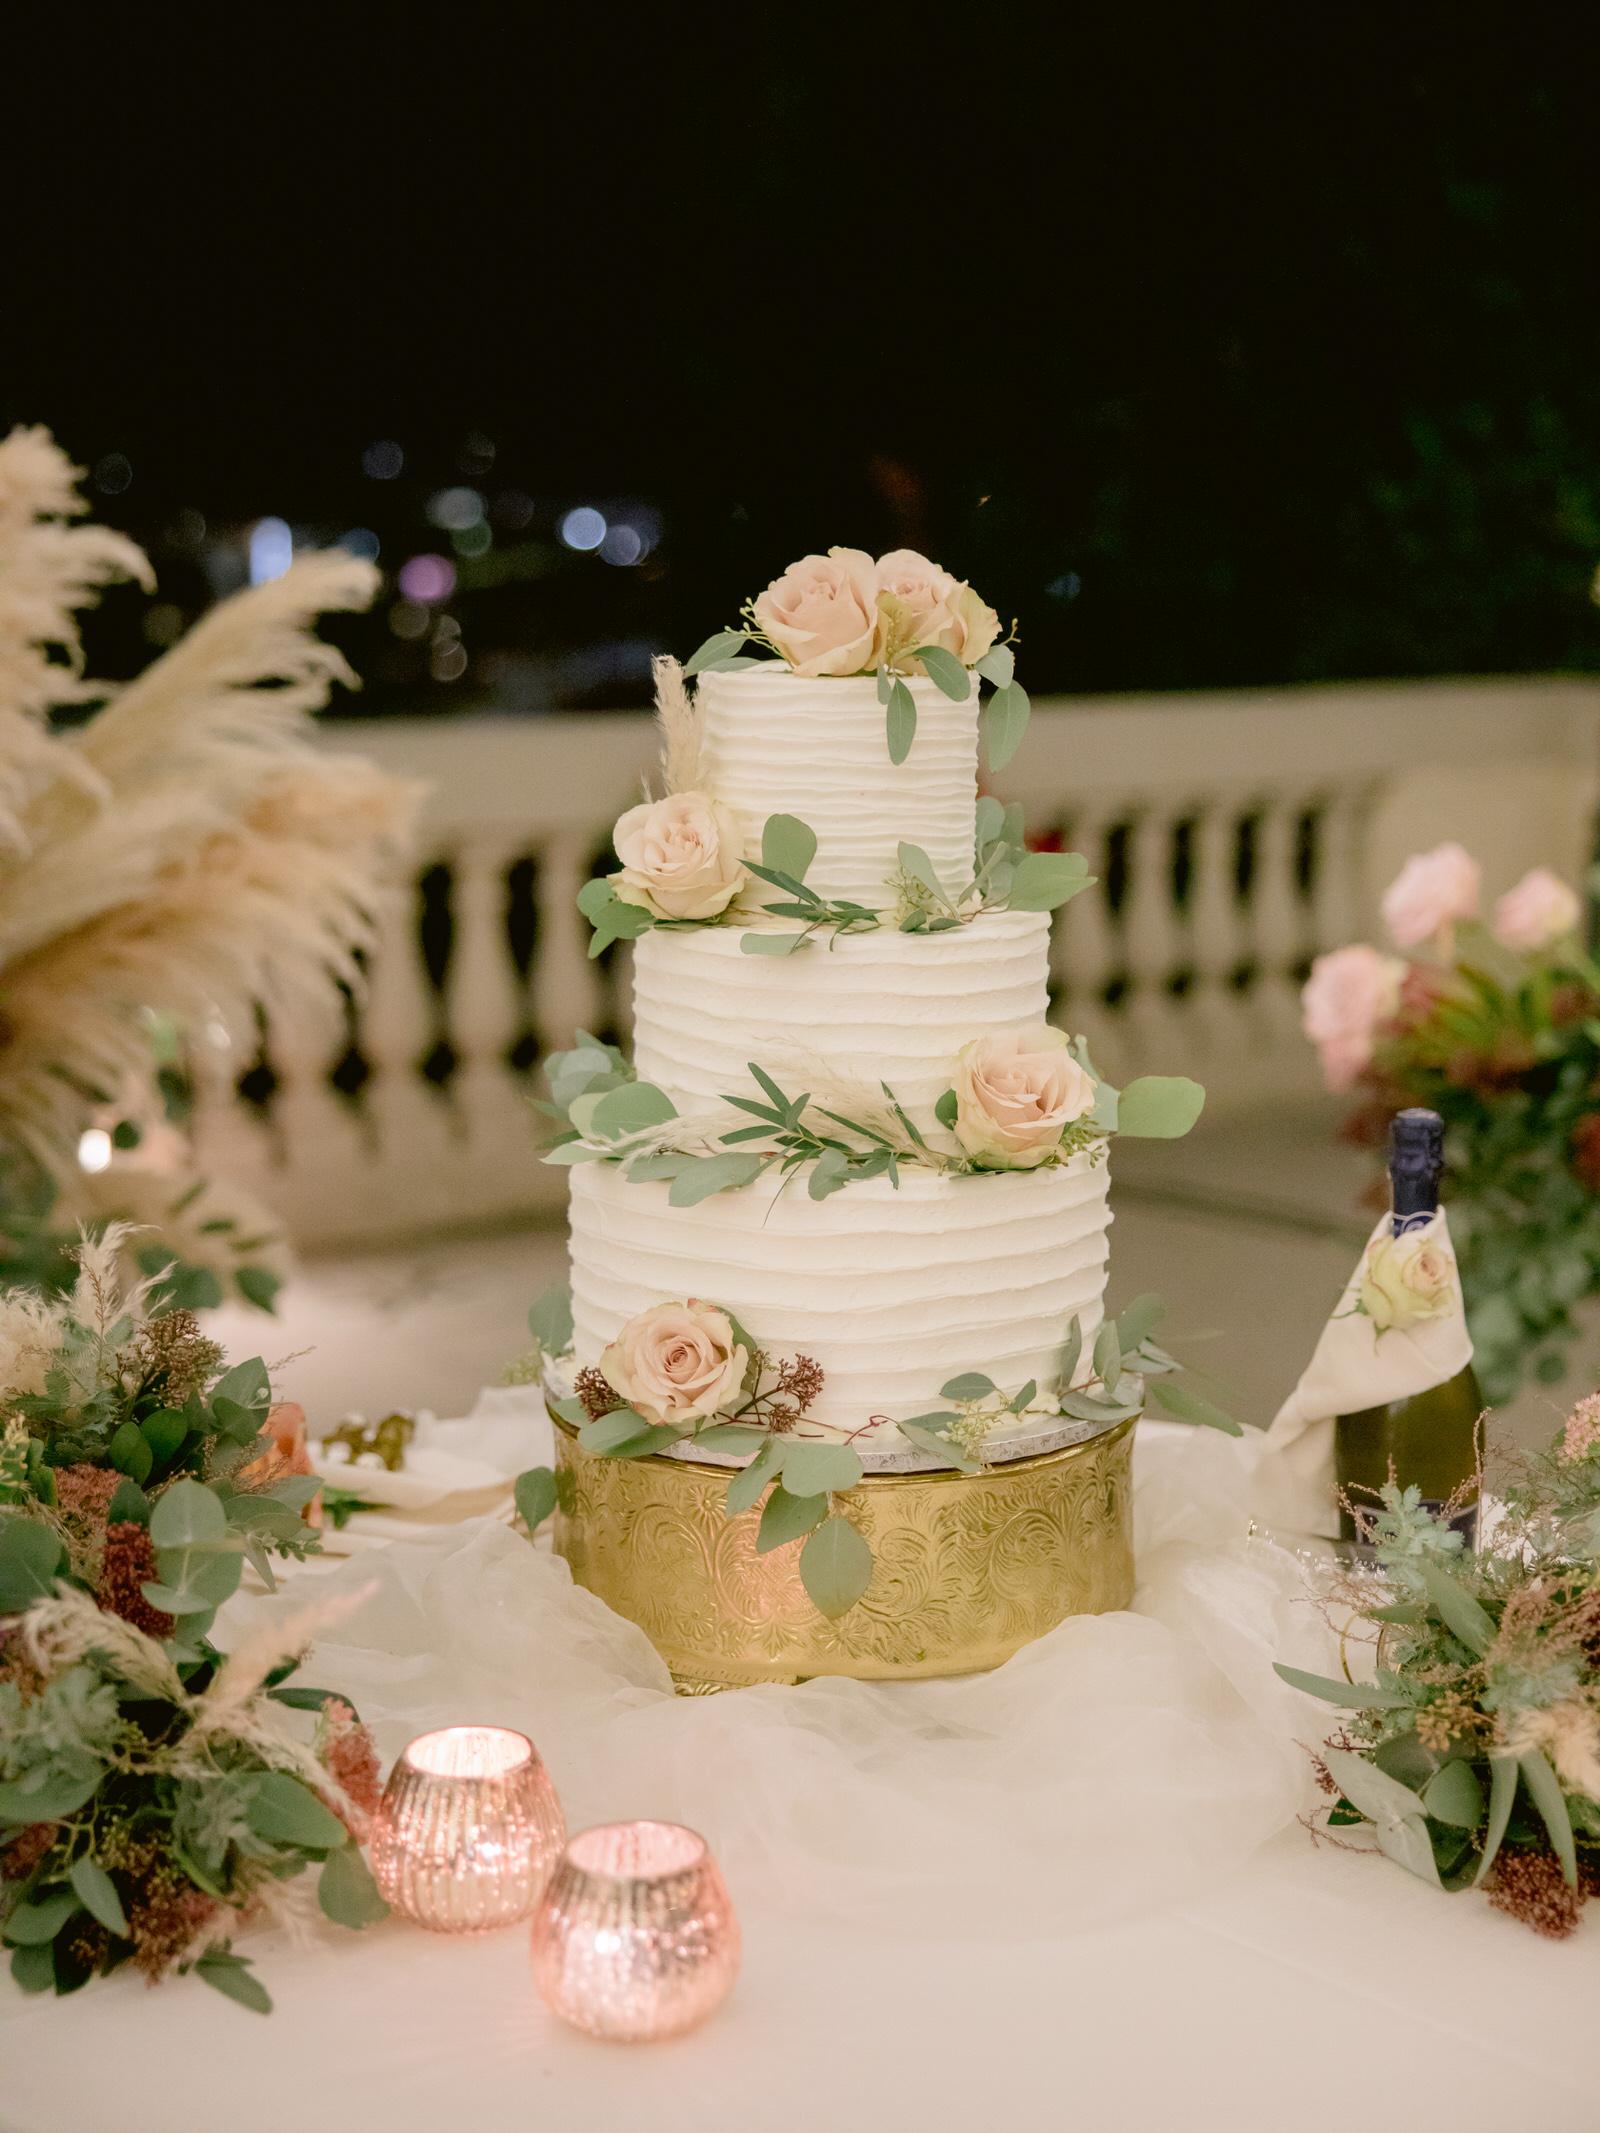 191009_Kersey_Moseley_Wedding_Villa_La_Vedetta-821